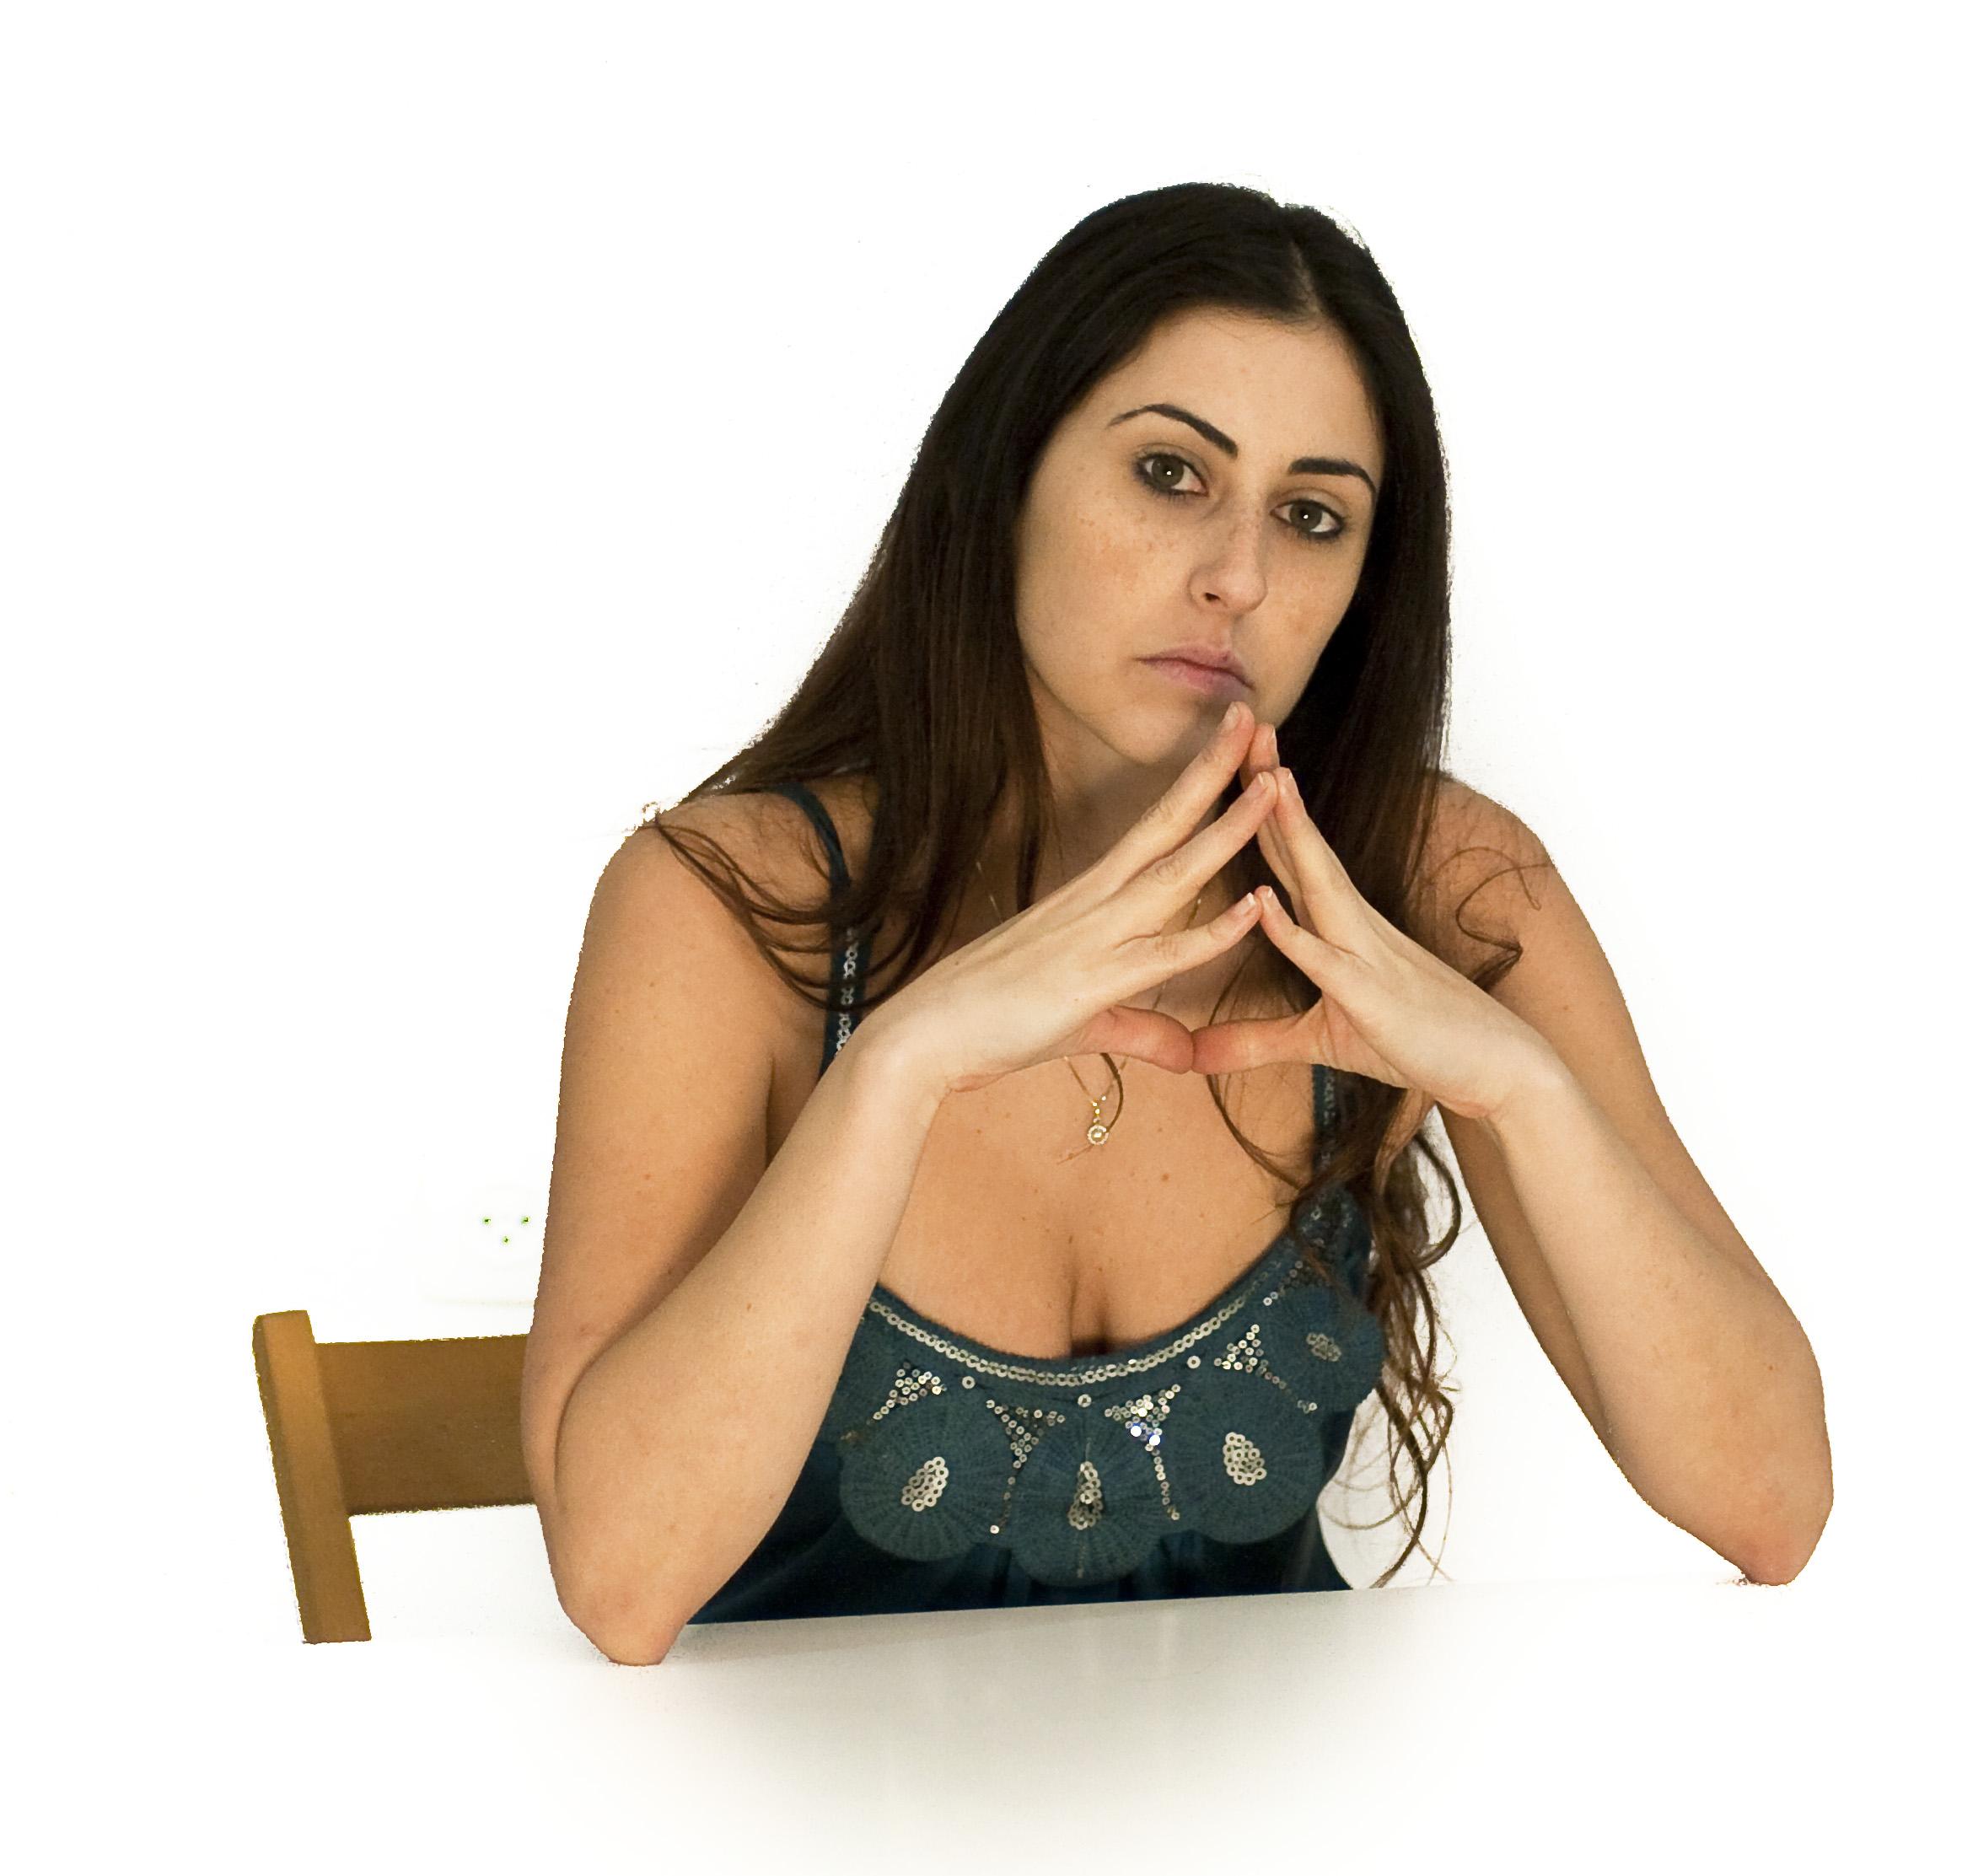 מהי חשיבות שפת הגוף בראיון עבודה?